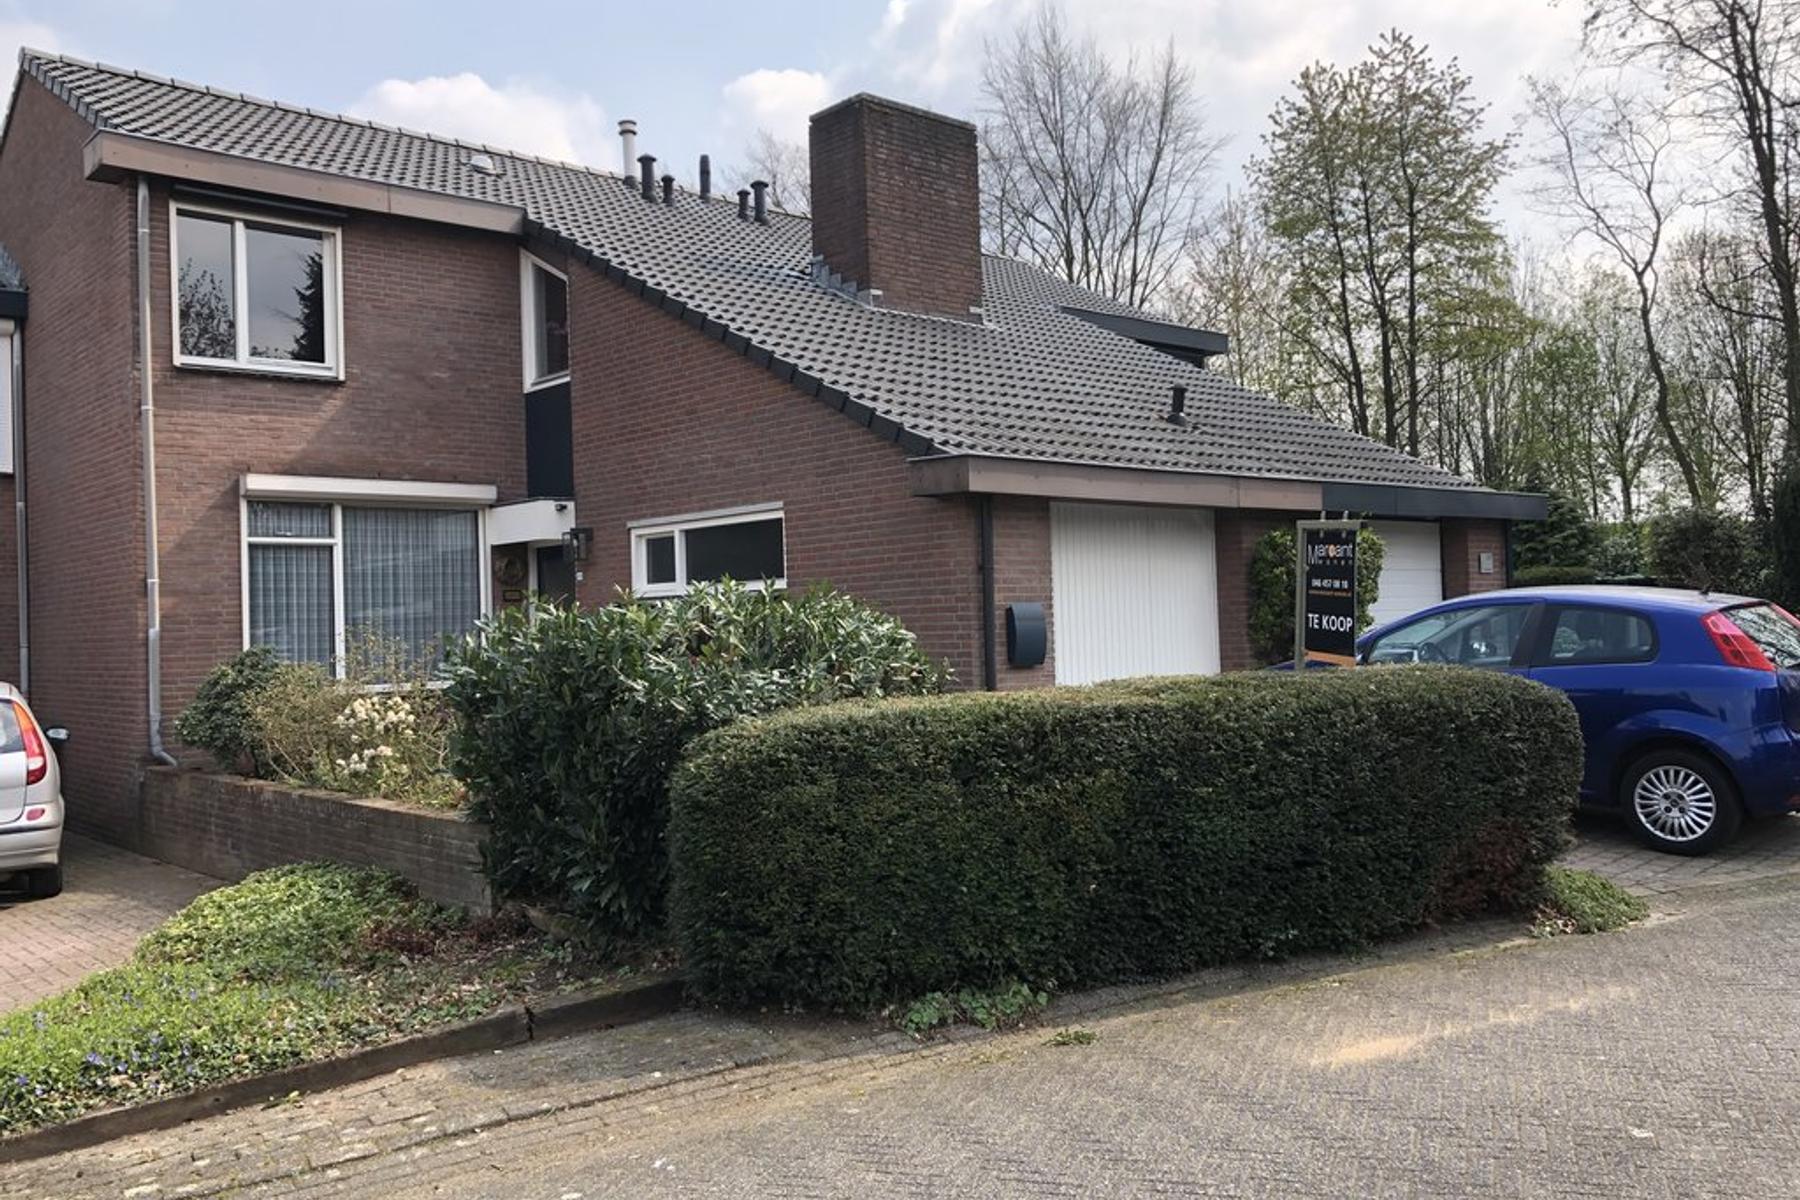 Brikkebekker 103 in Landgraaf 6372 DW